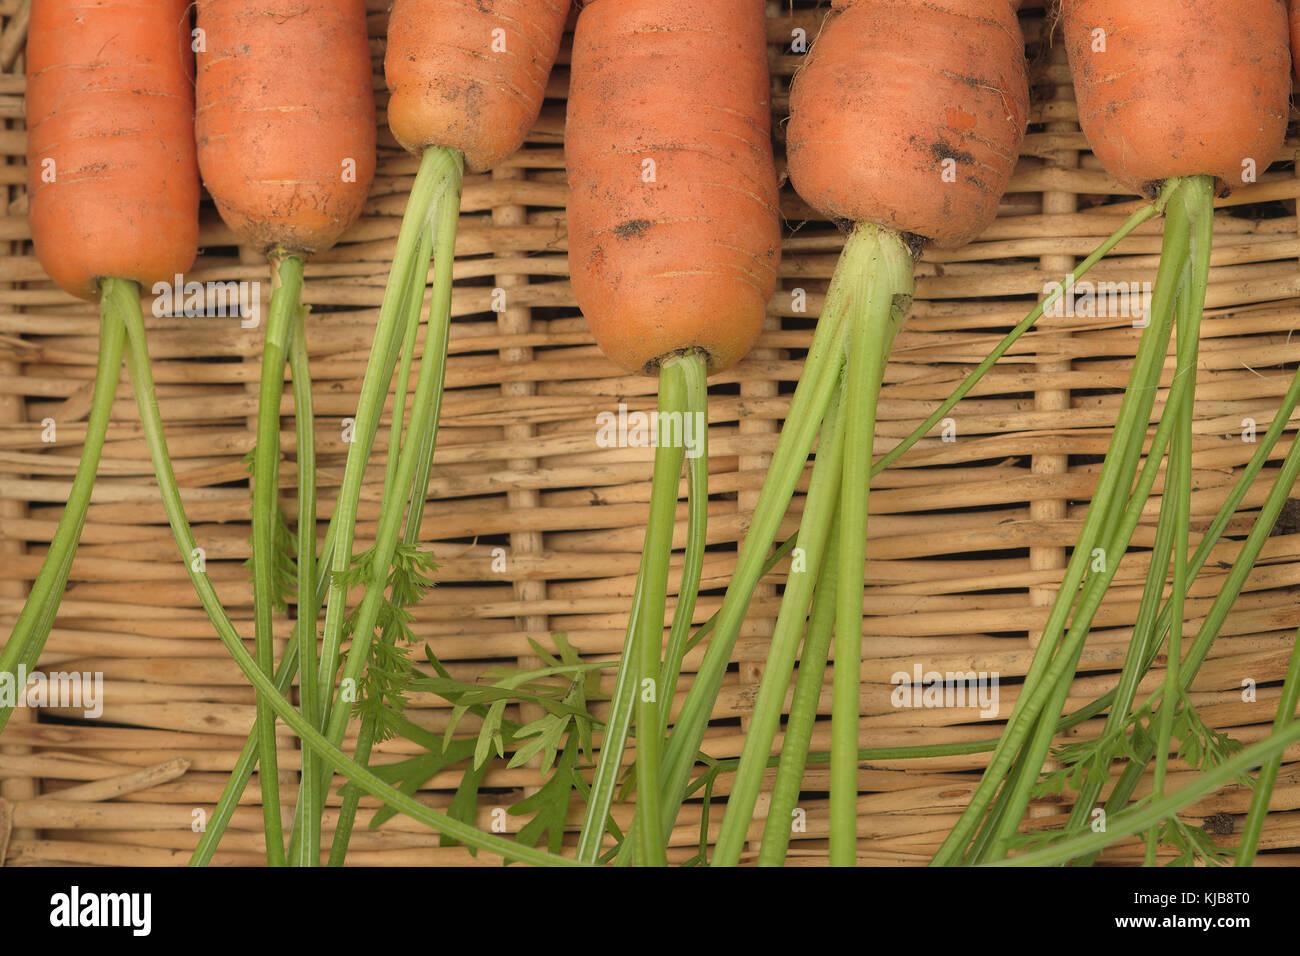 Une photographie du gros plan les sommets de flyaway issus de carottes résistantes à la mouche de l'aga Photo Stock